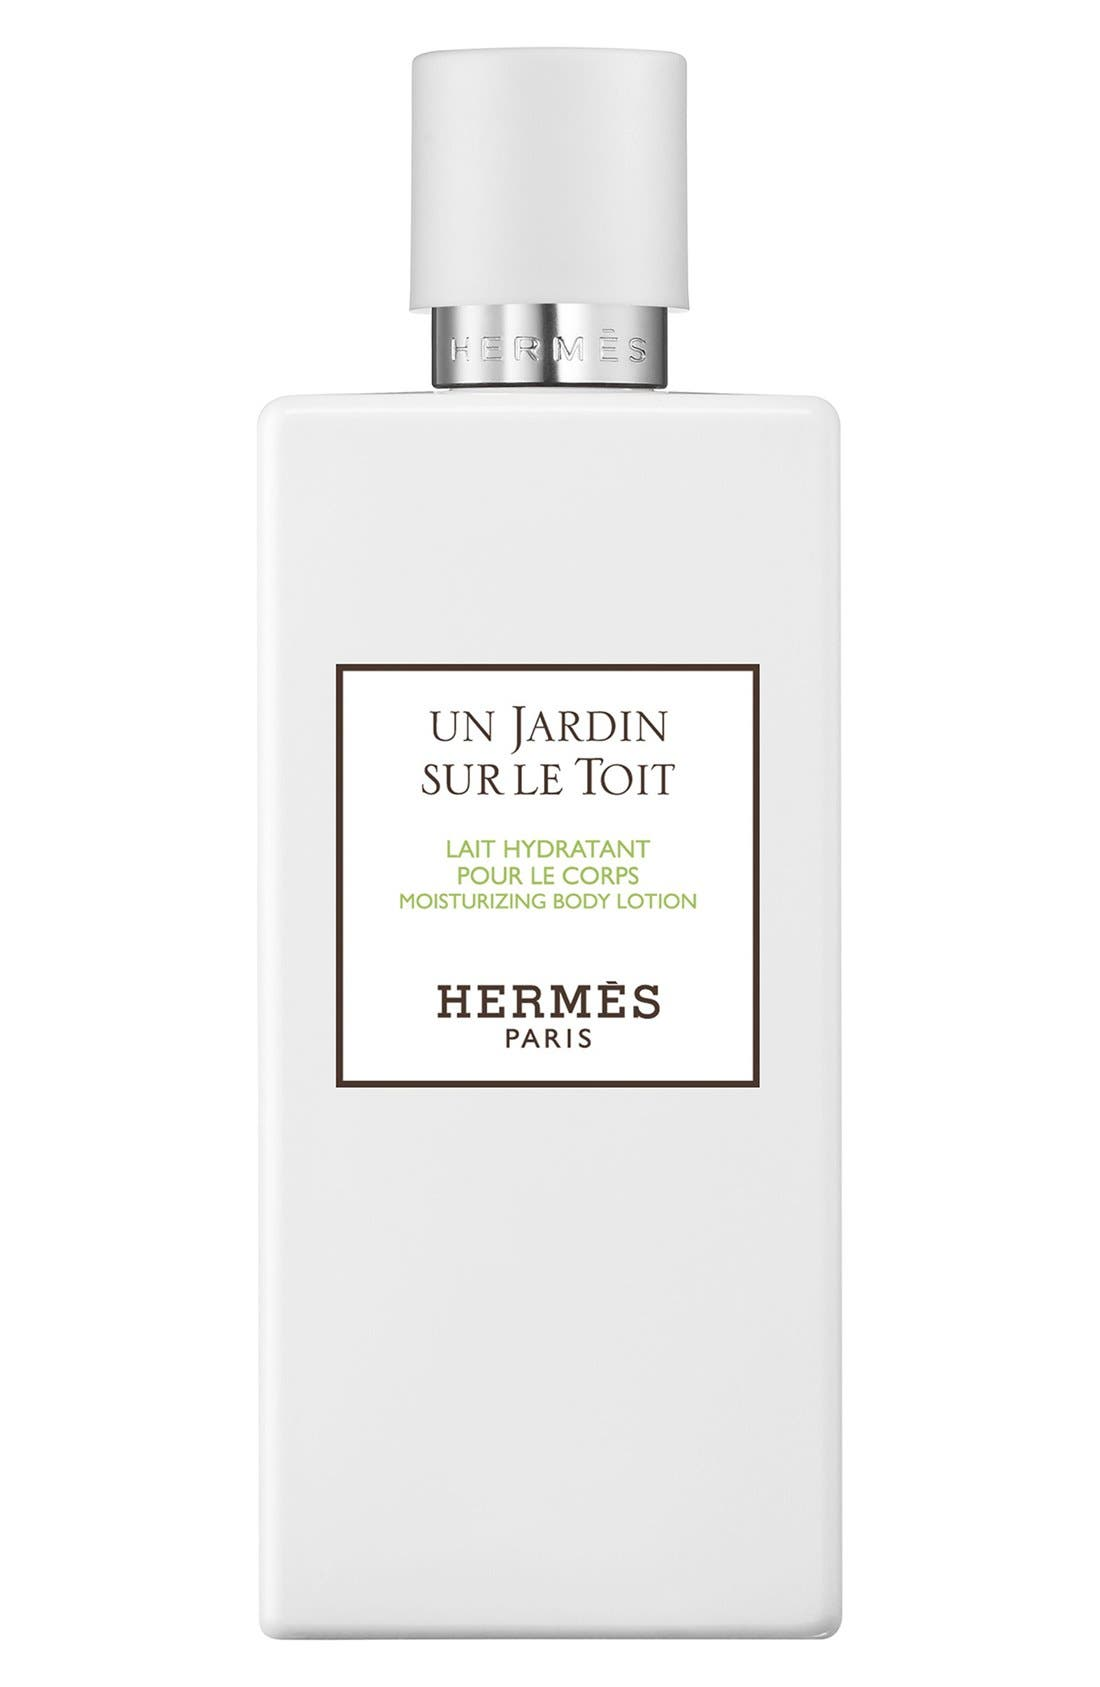 Hermès Le Jardin sur le Toit - Moisturizing body lotion